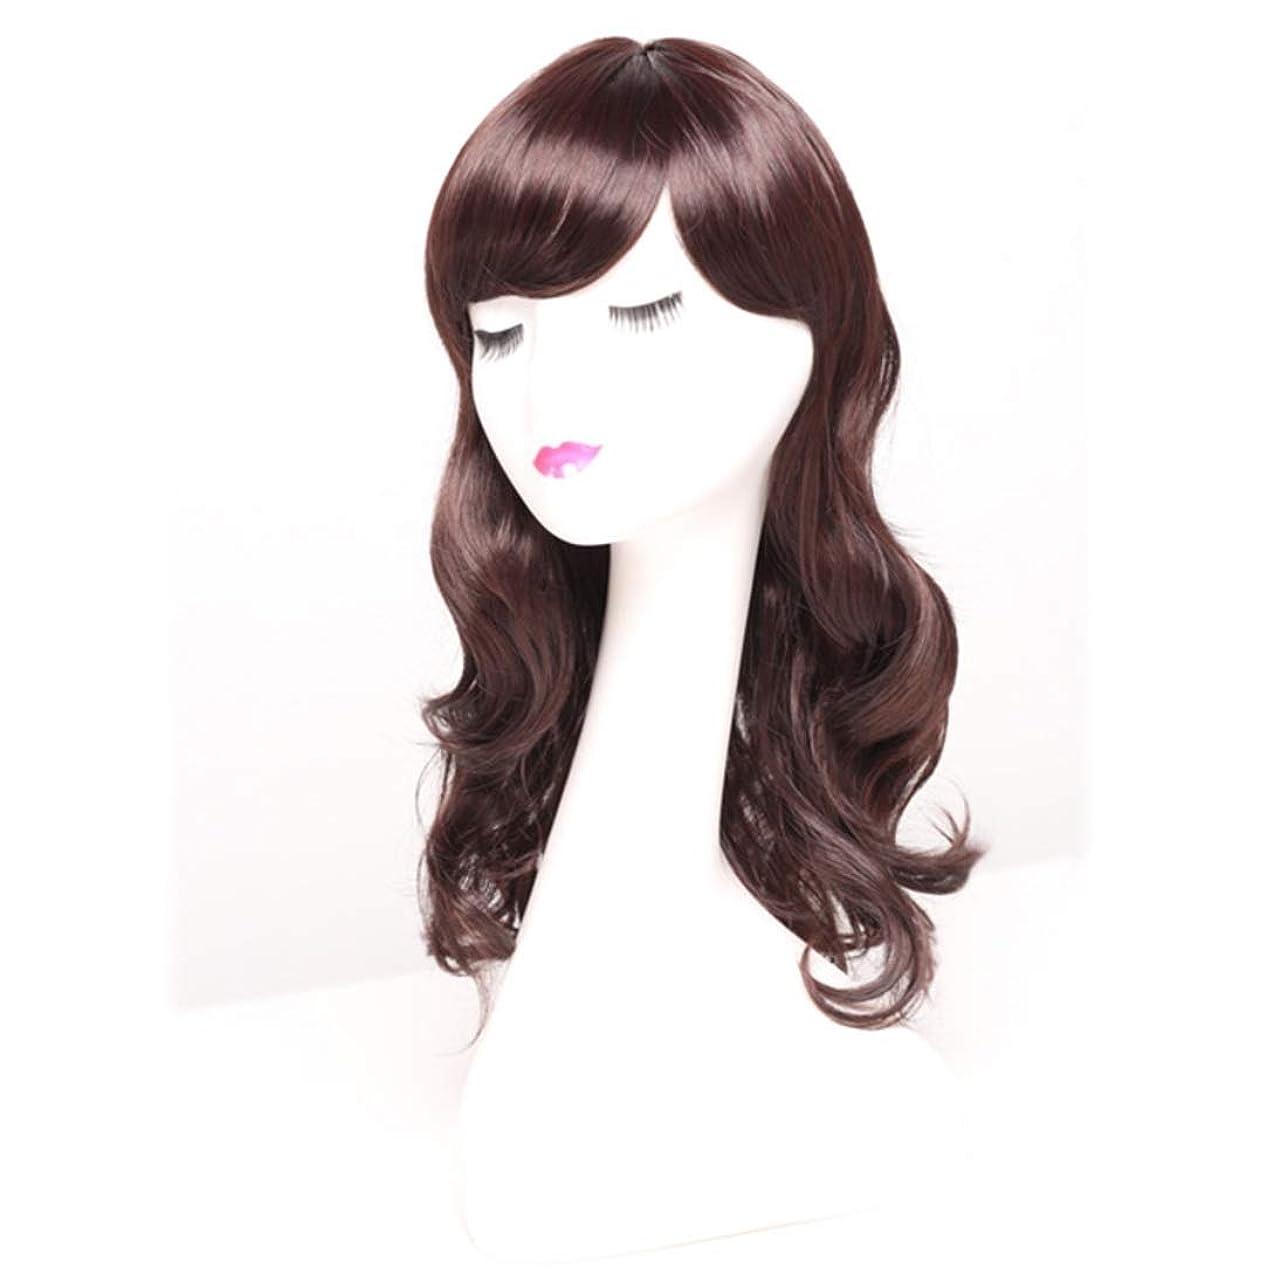 自治発明する警報Summerys 女性のための長い巻き毛のかつらかつらかつらと人工的な毛髪のかつら本物の髪として自然なかつら